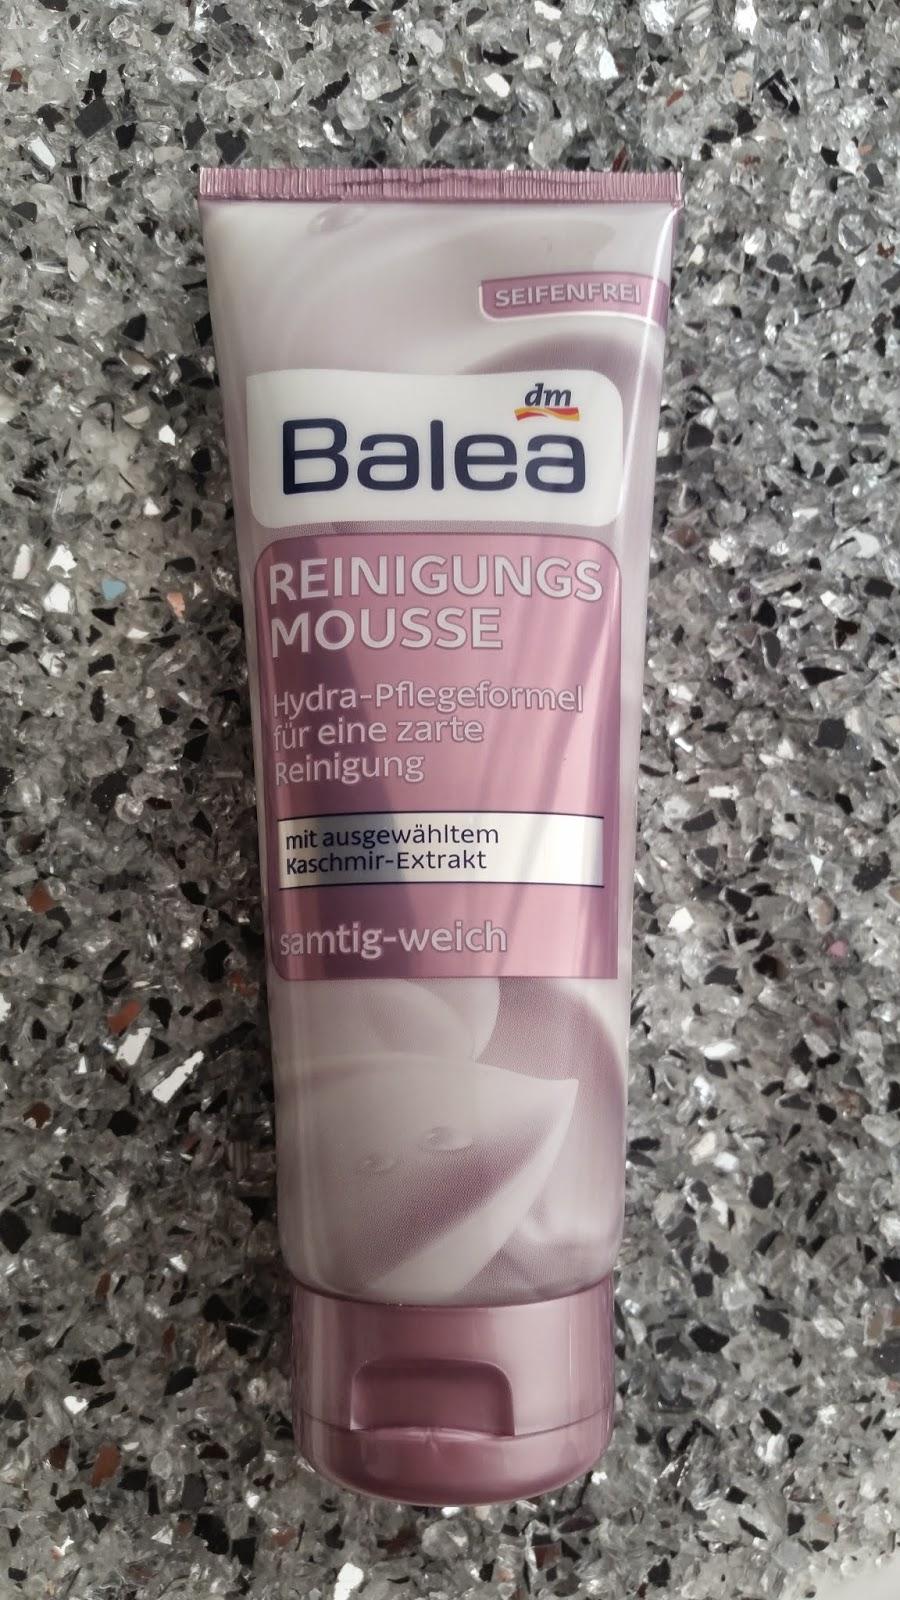 Gesichtsreinigungen von Balea Reinigungsmousse - www.annitschkasblog.de